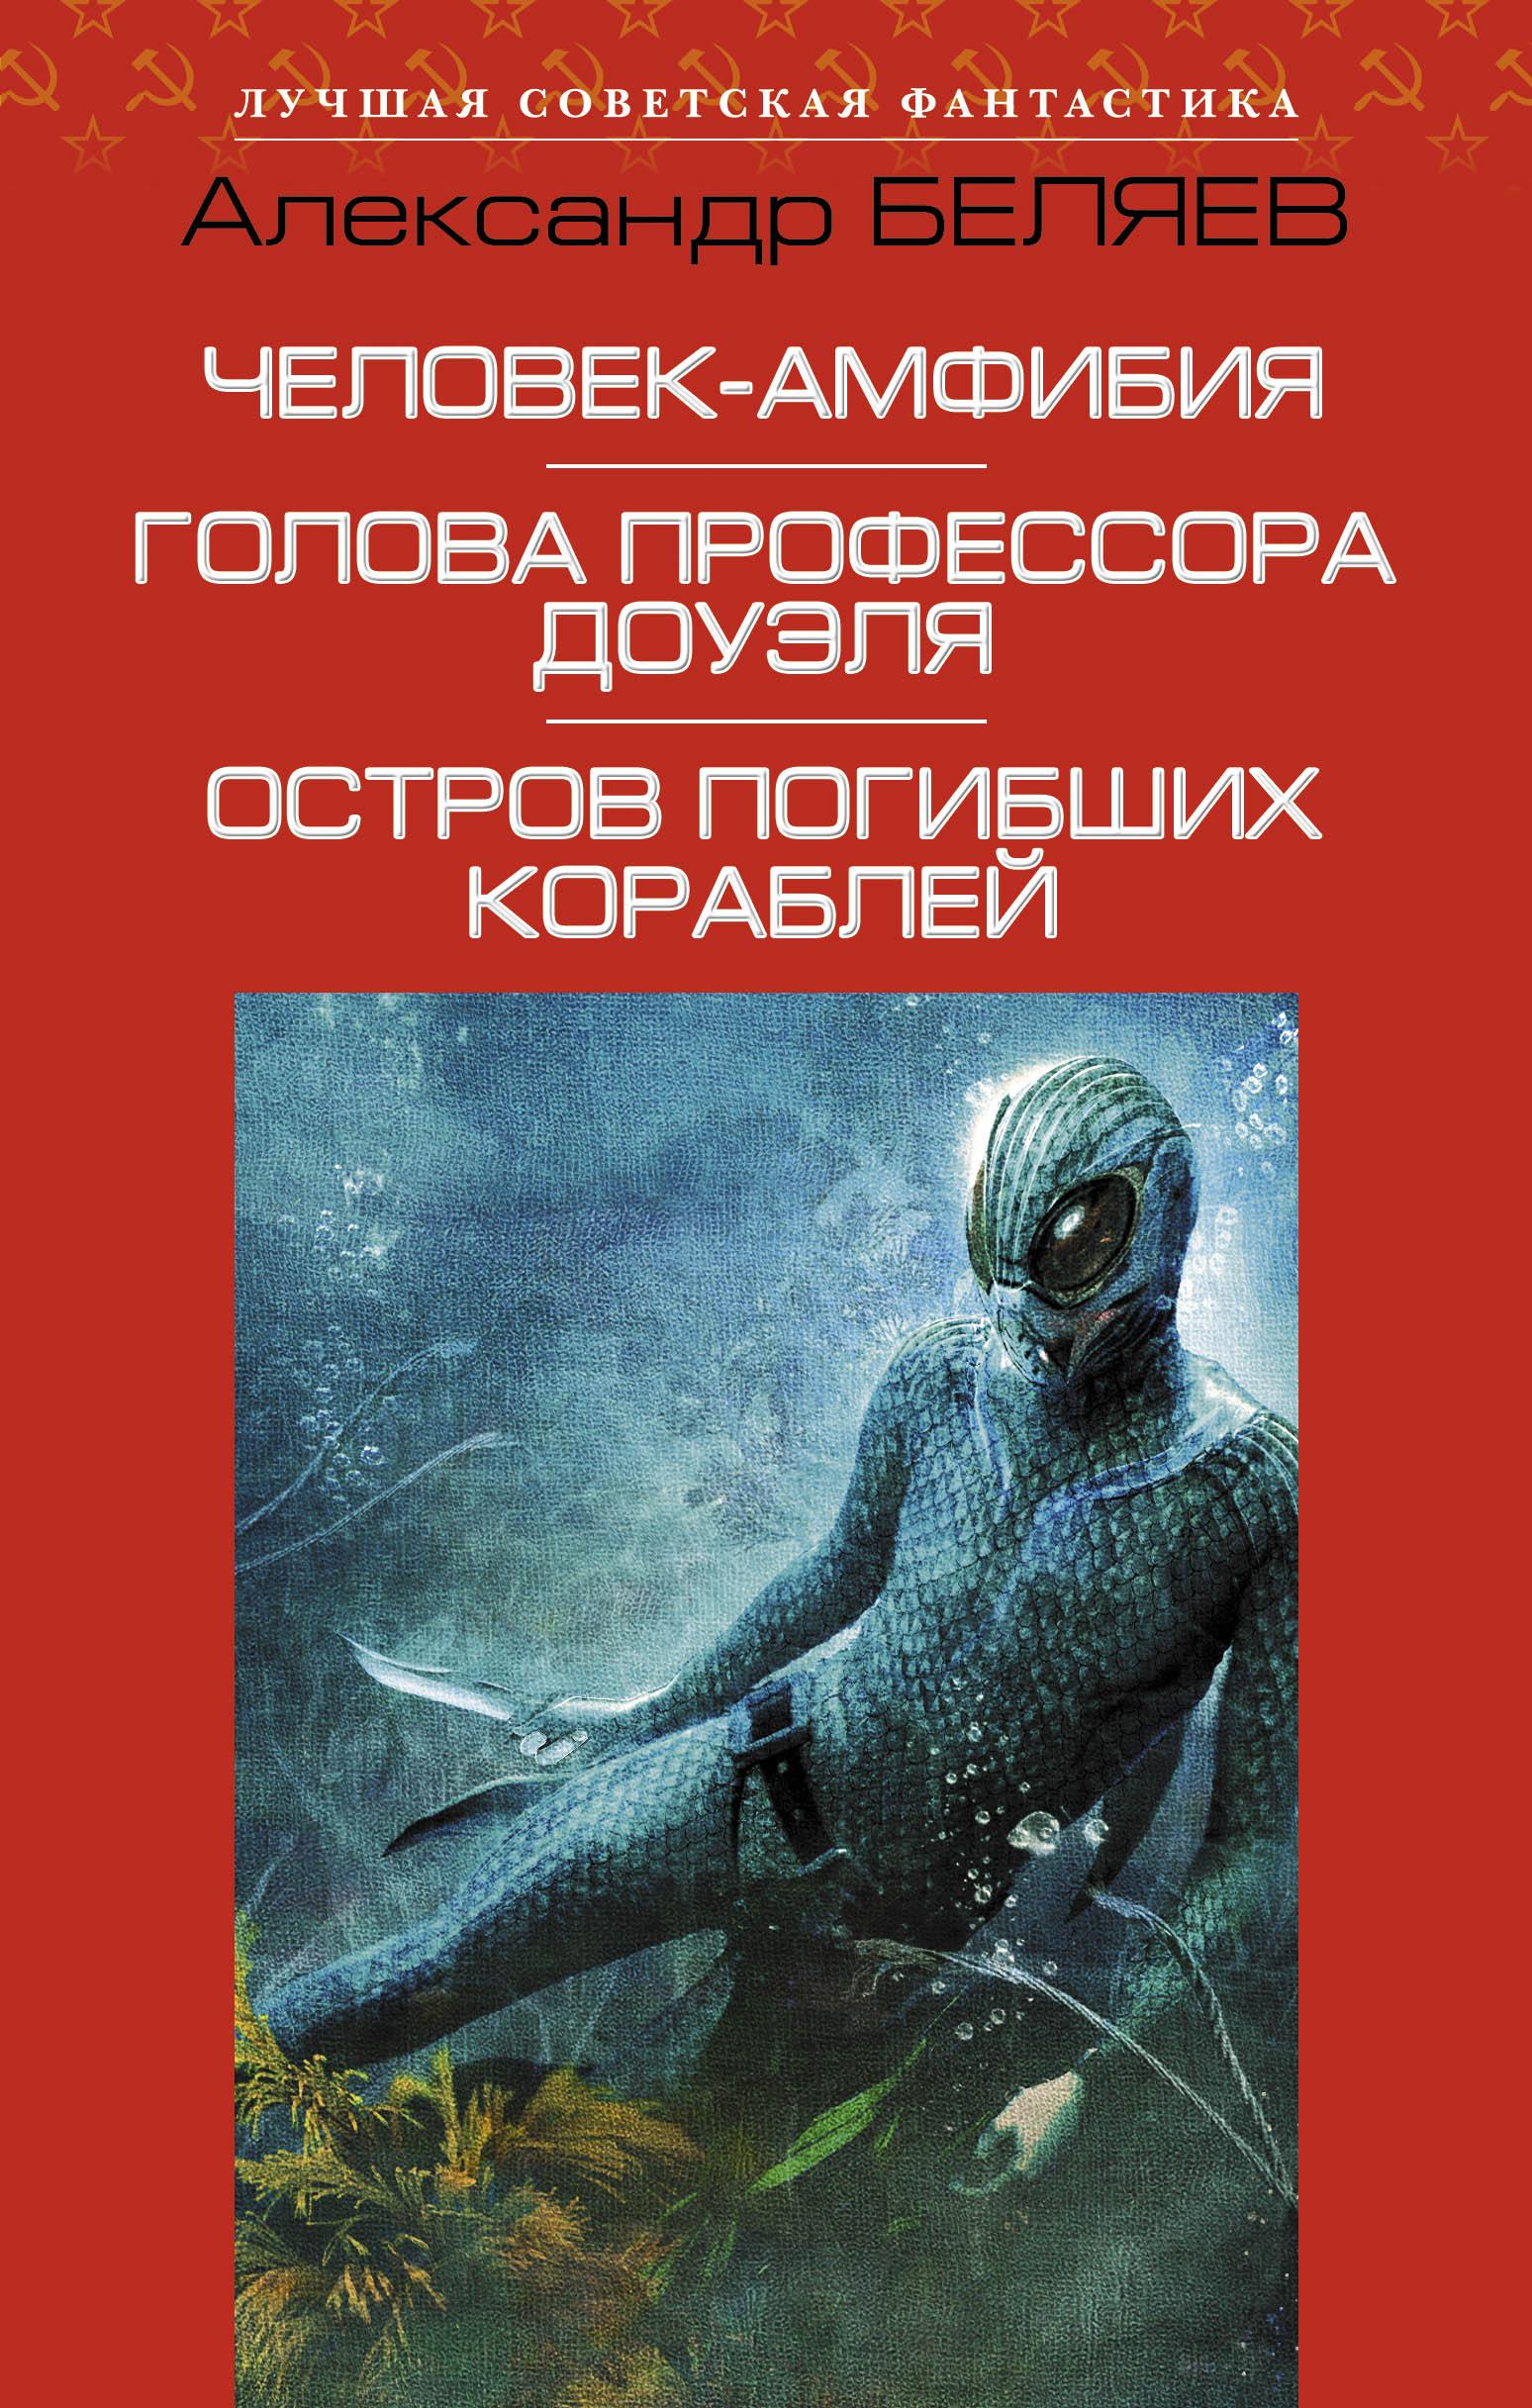 А. Р. Беляев Человек-амфибия. Голова профессора Доуэля. Остров погибших кораблей